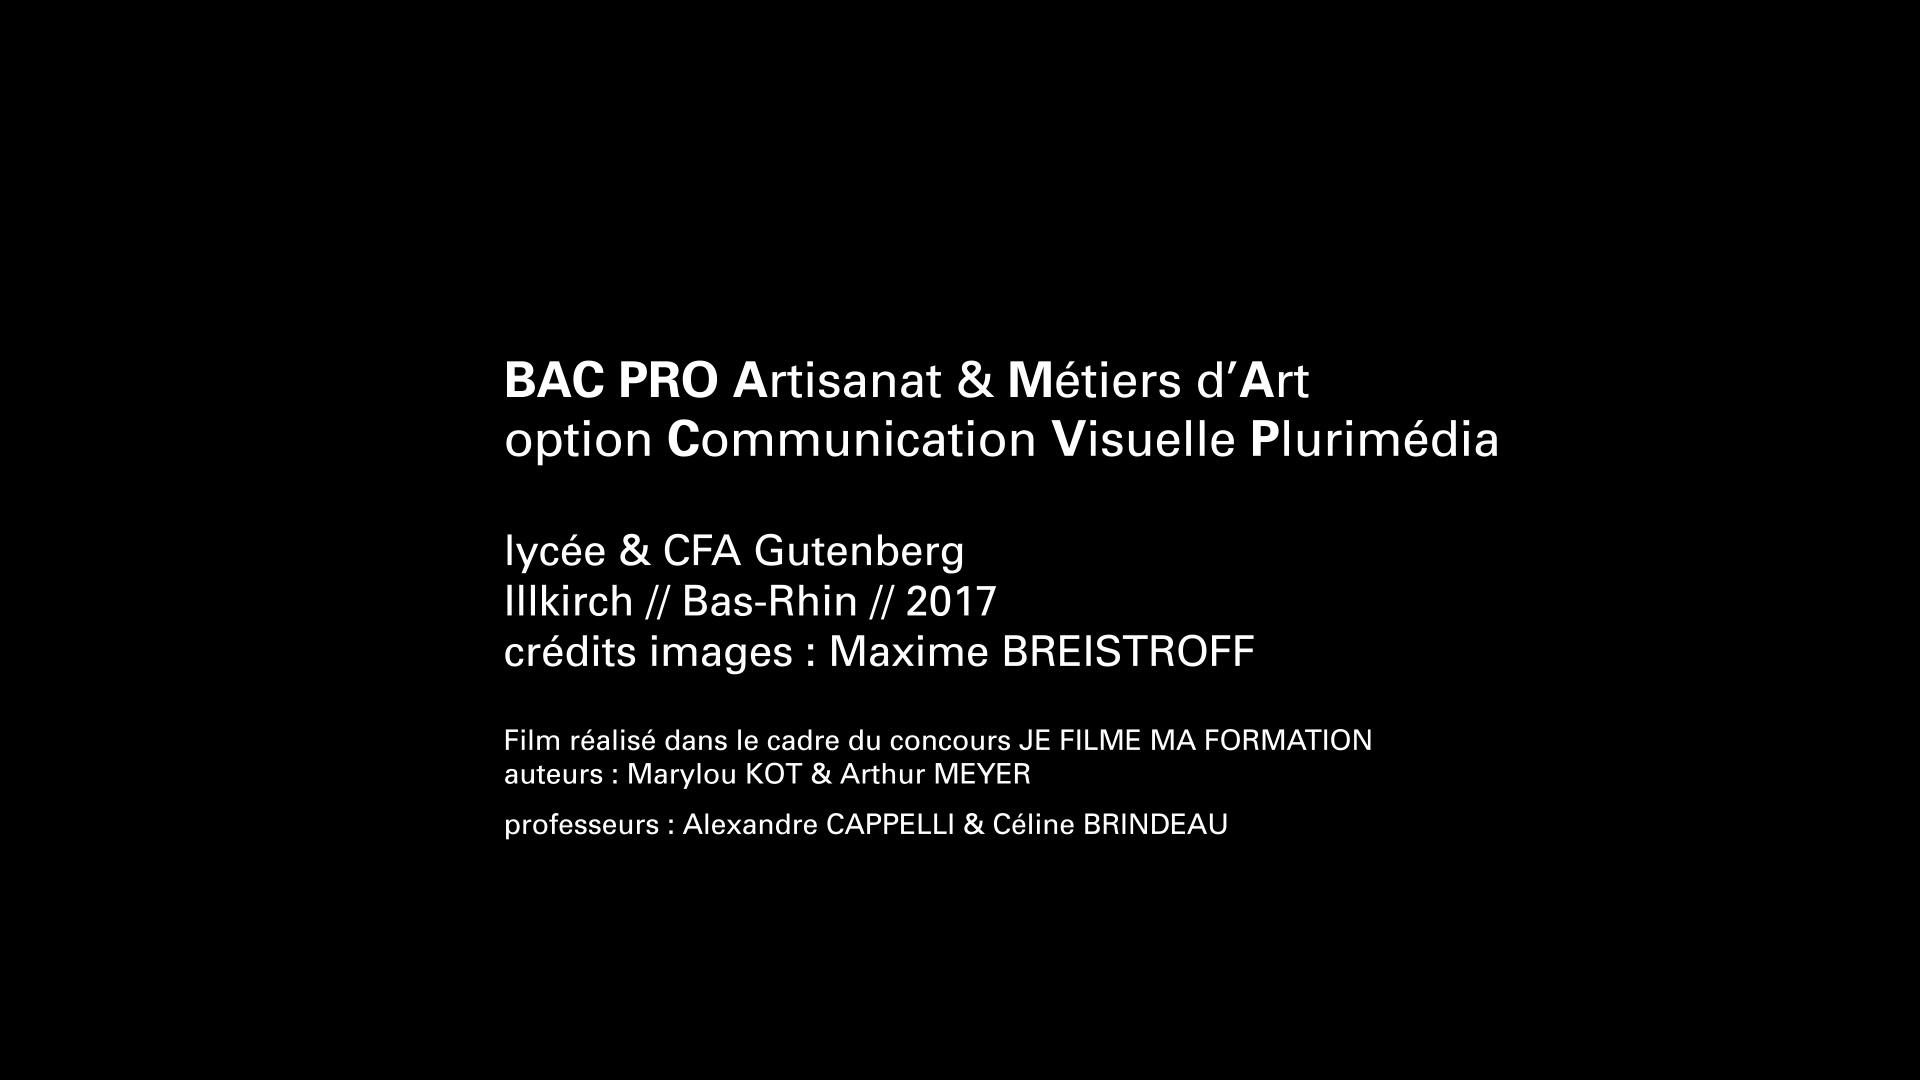 Parcoursmetiers Video Promotionnelle Ama Cv Artisanat Metiers D Arts Communication Visuelle Plurimedia